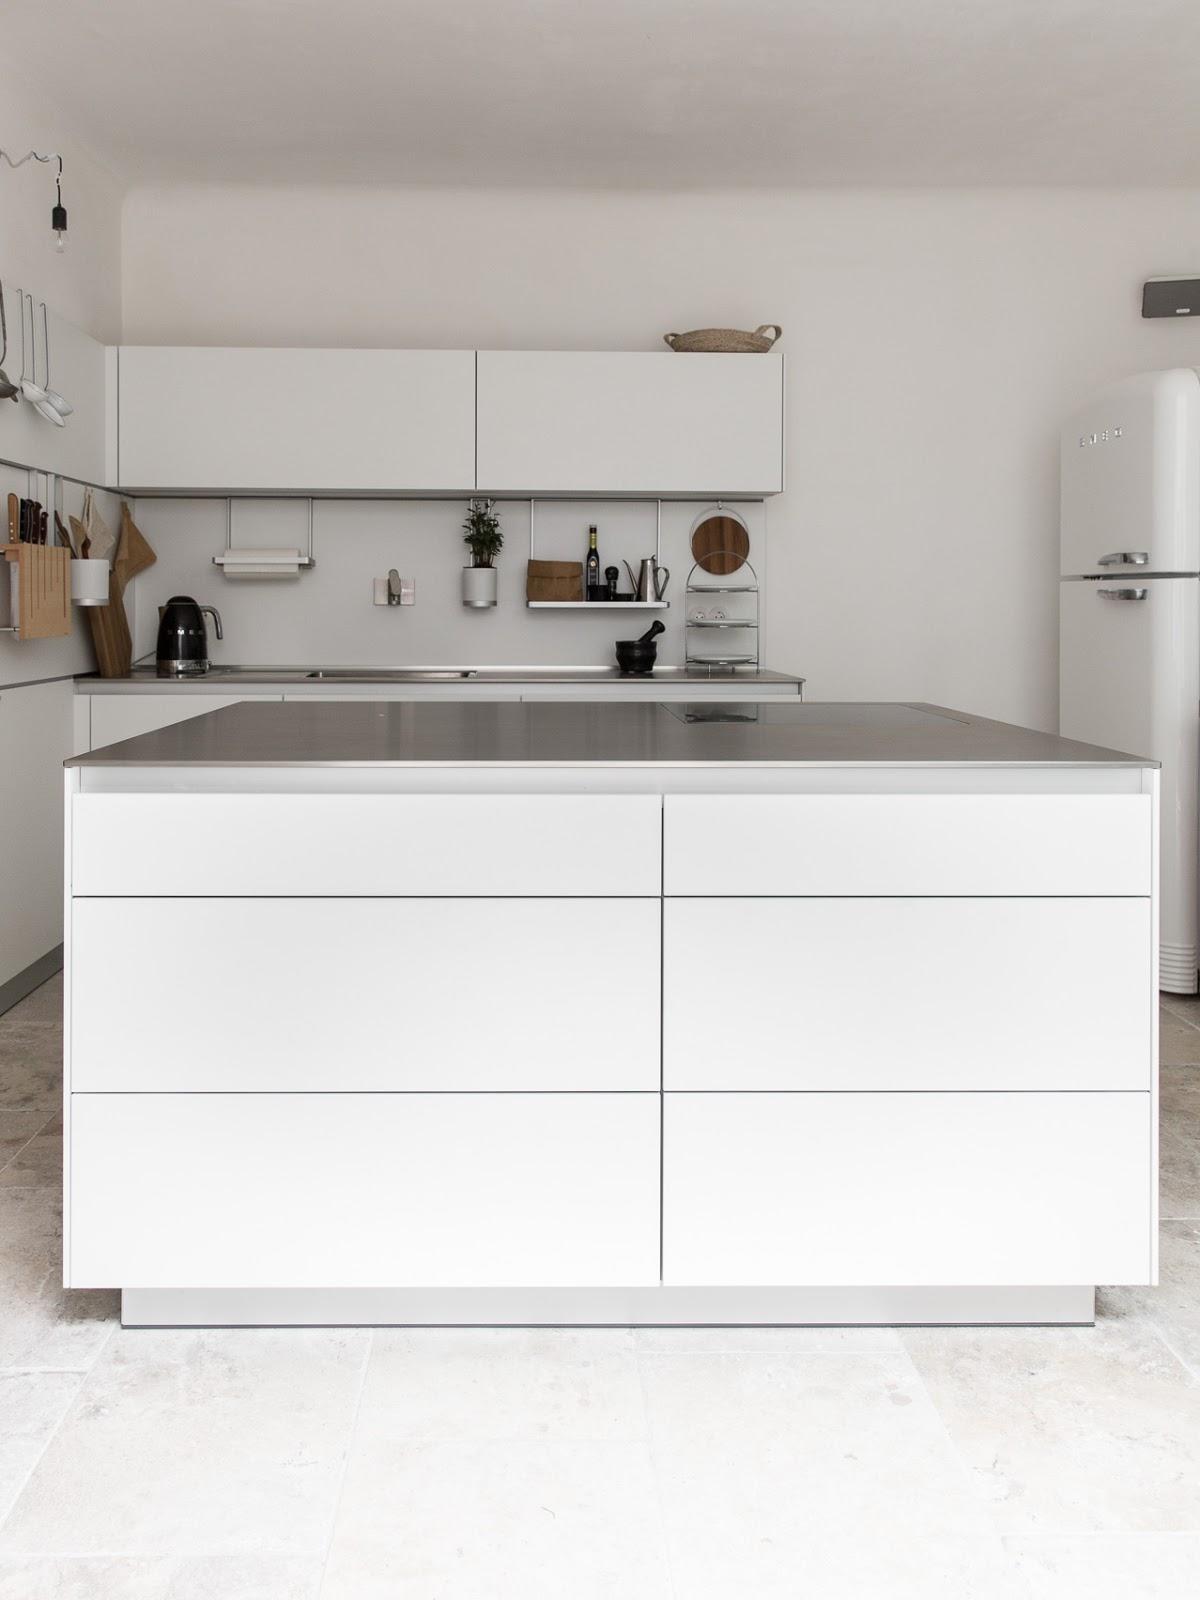 Fantastisch Kreative Küche Und Bad Brighton Mi Fotos - Ideen Für Die ...